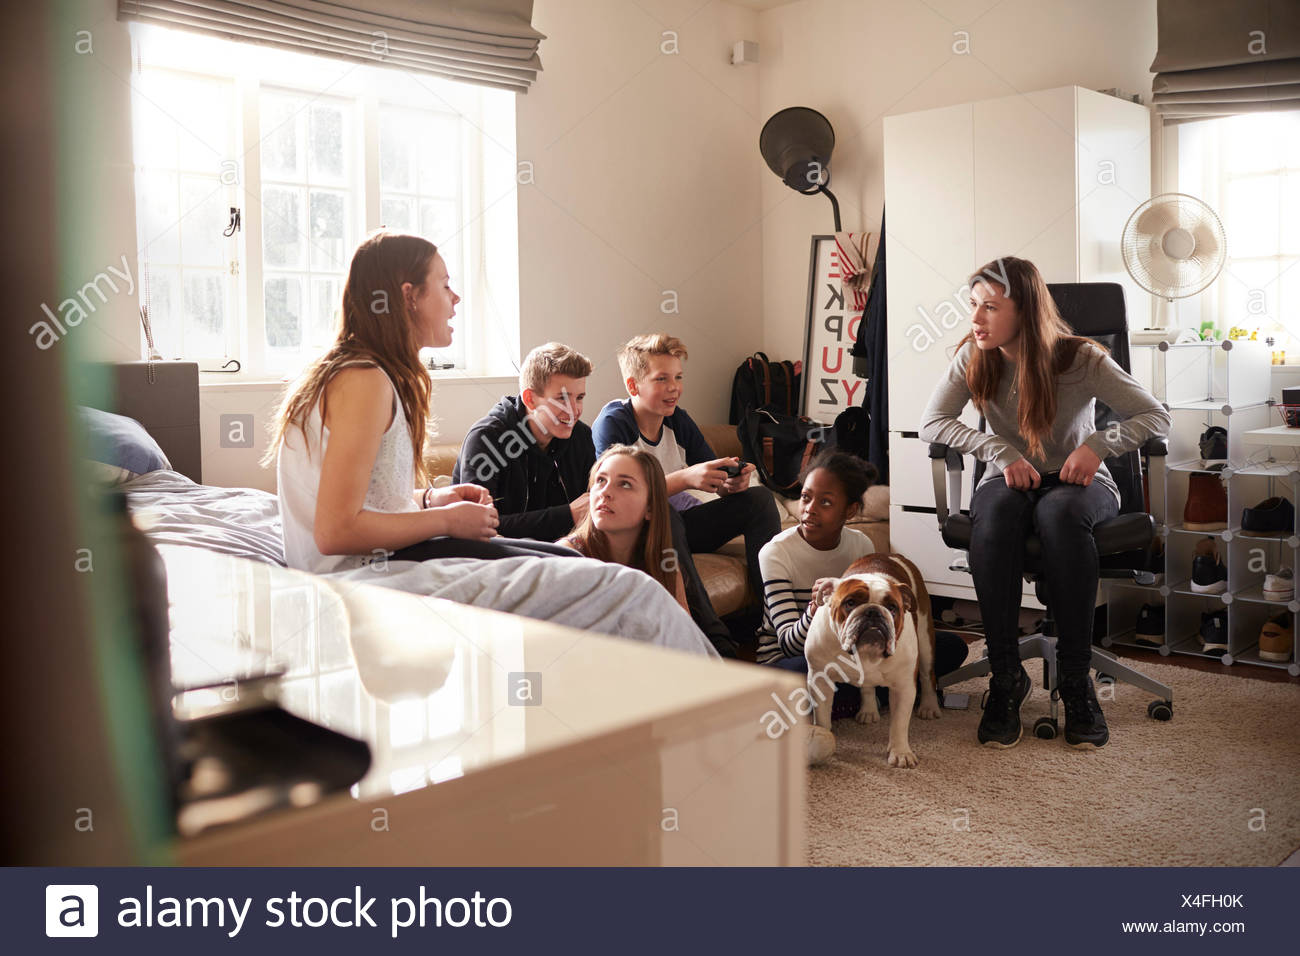 Groupe d'adolescents jouant le jeu vidéo dans la chambre Photo Stock